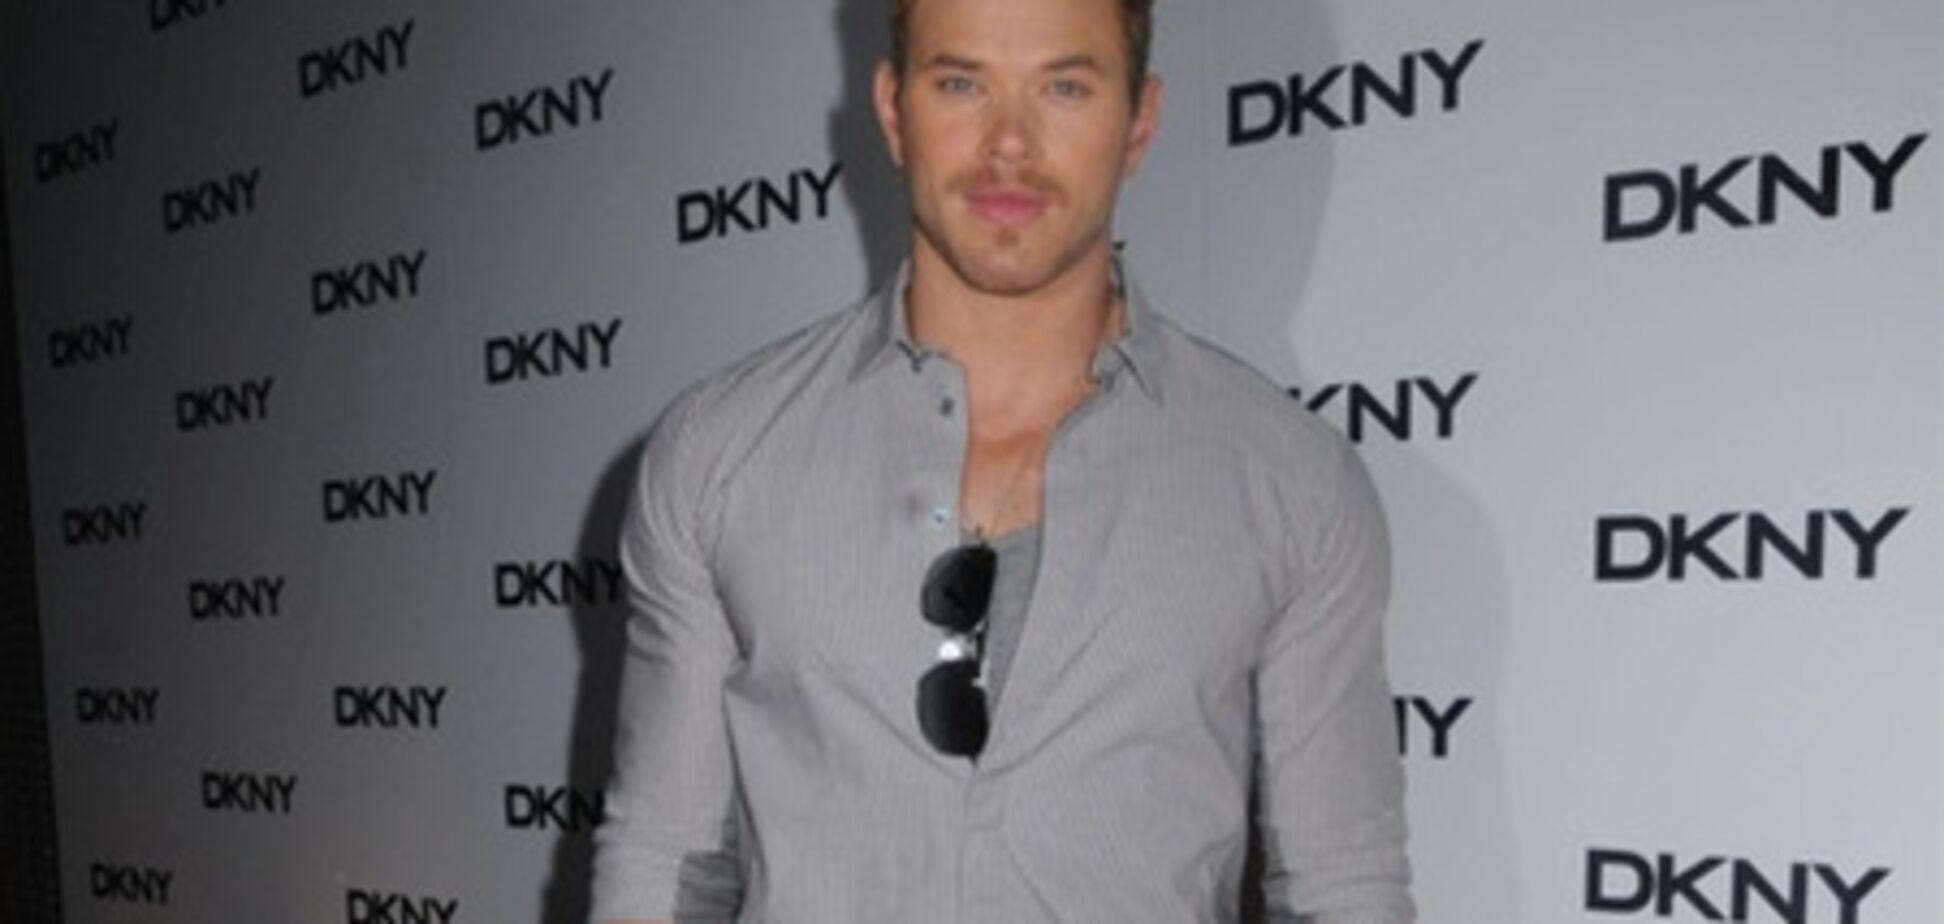 Вечеринка DKNY в Нью-Йорке